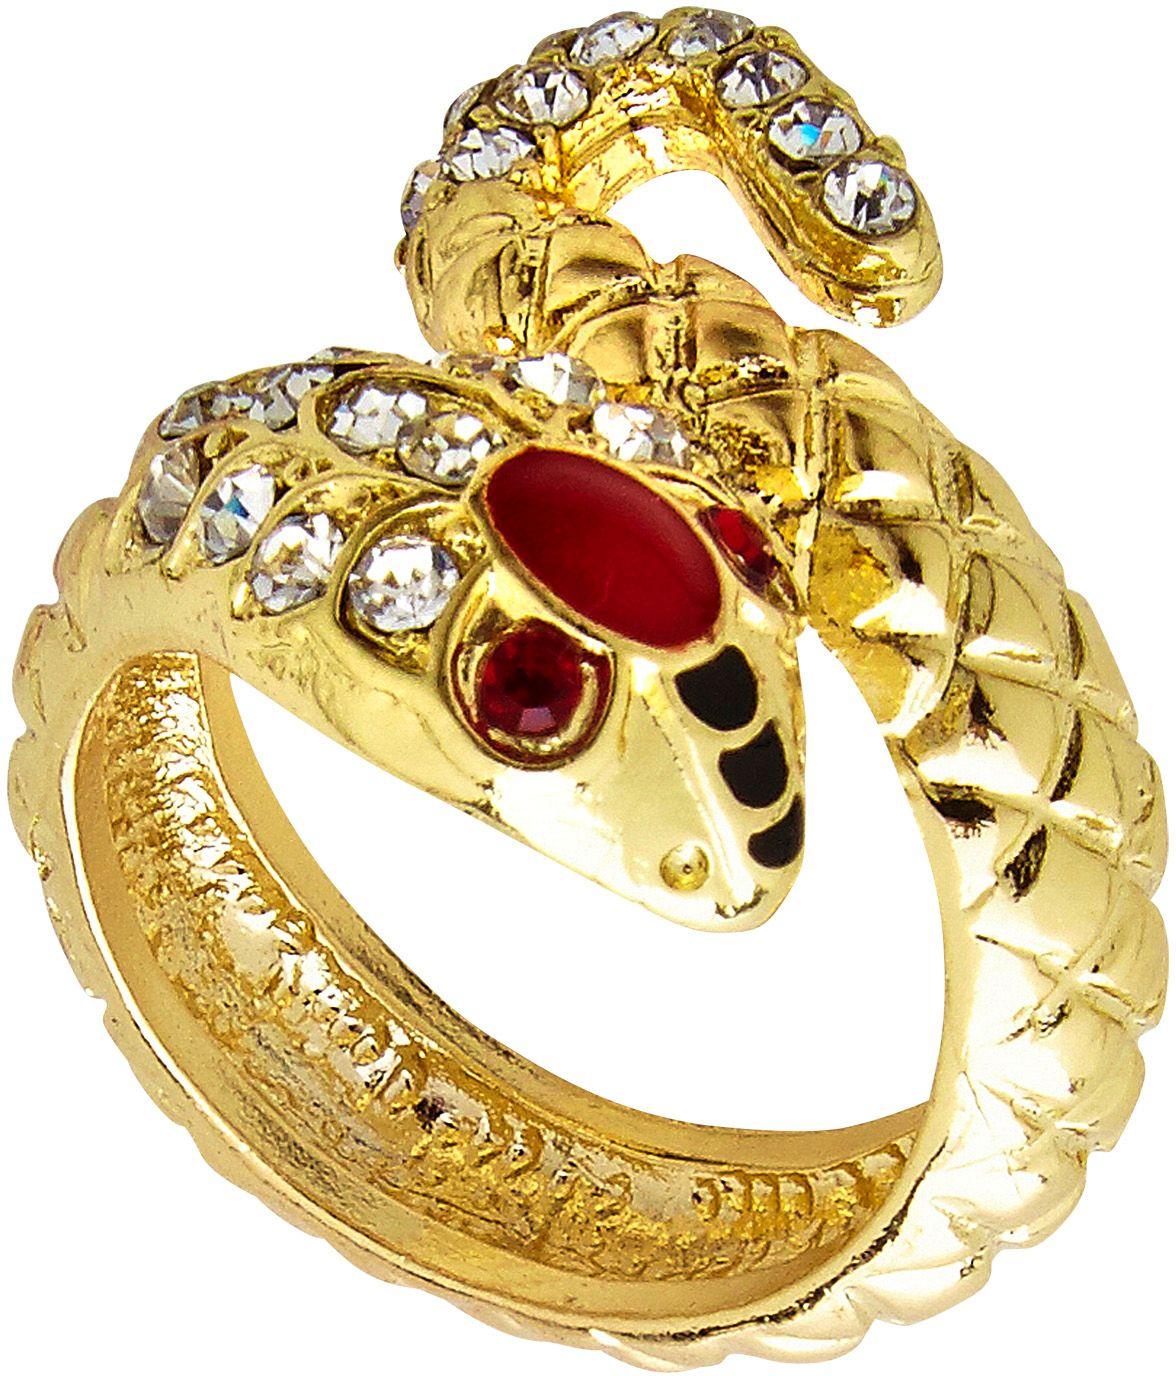 Egyptische gouden slangen ring met edelsteen